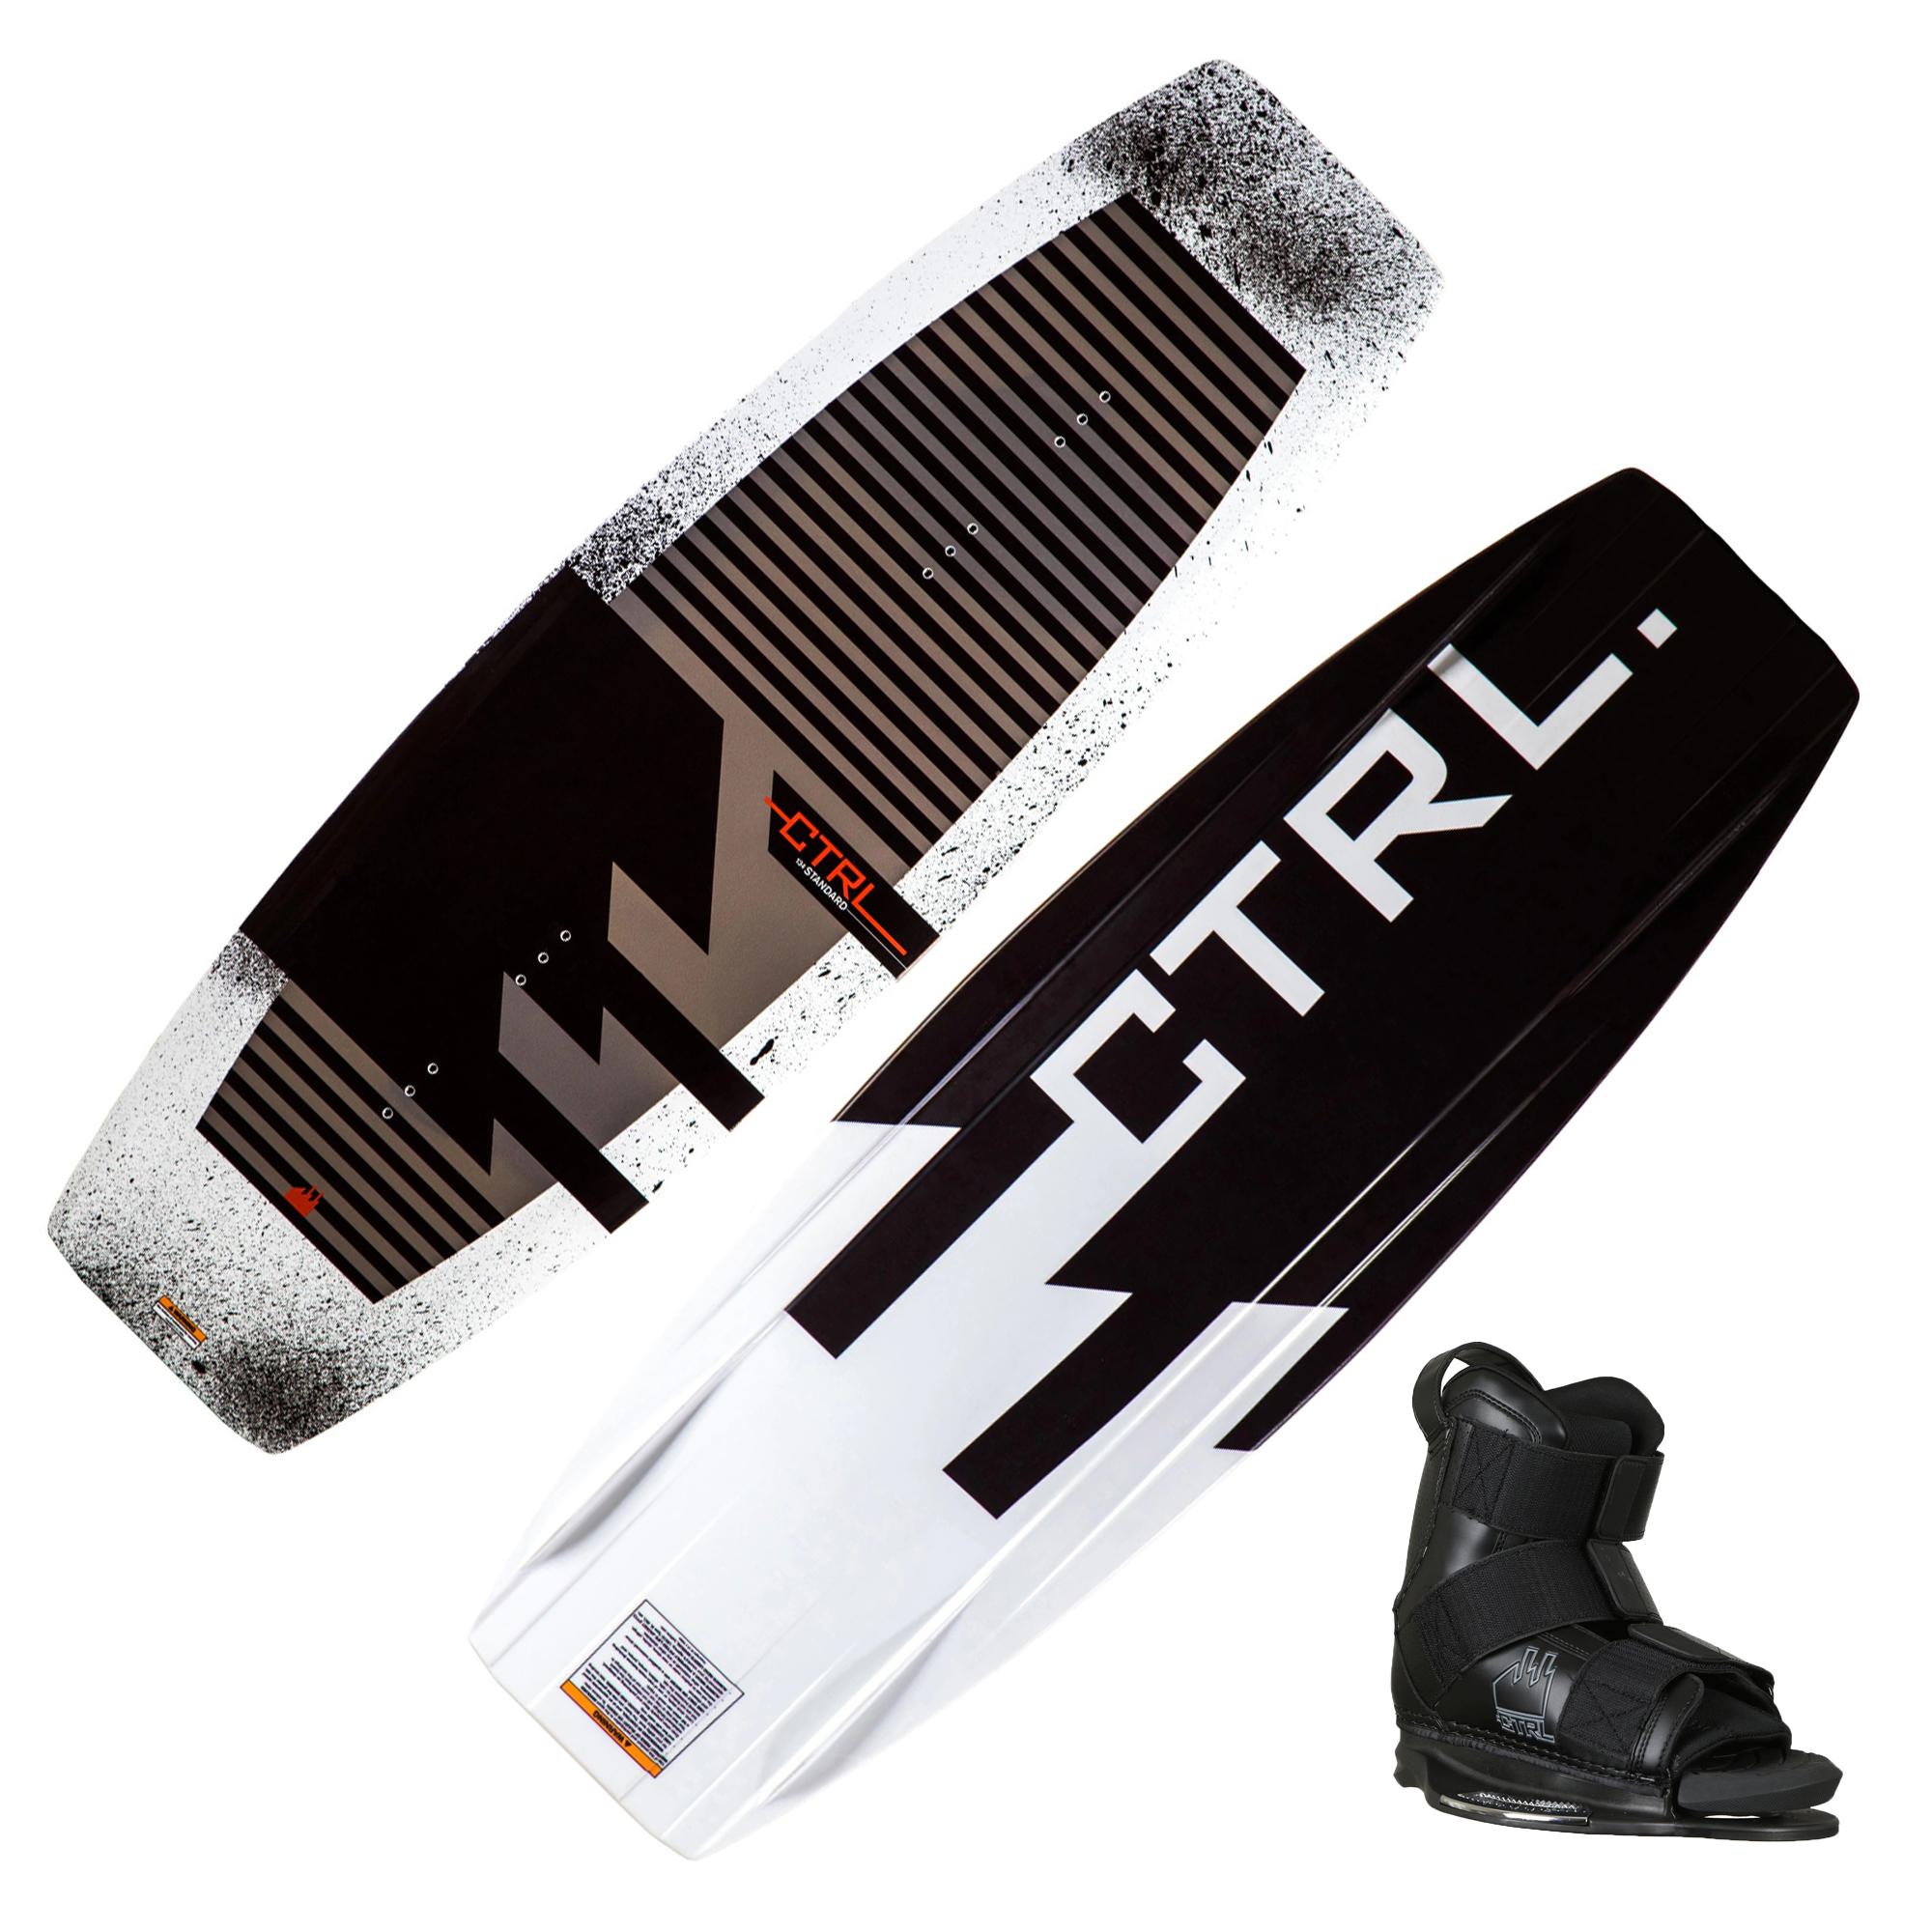 CTRL Standard Wakeboard With Imperial Bindings